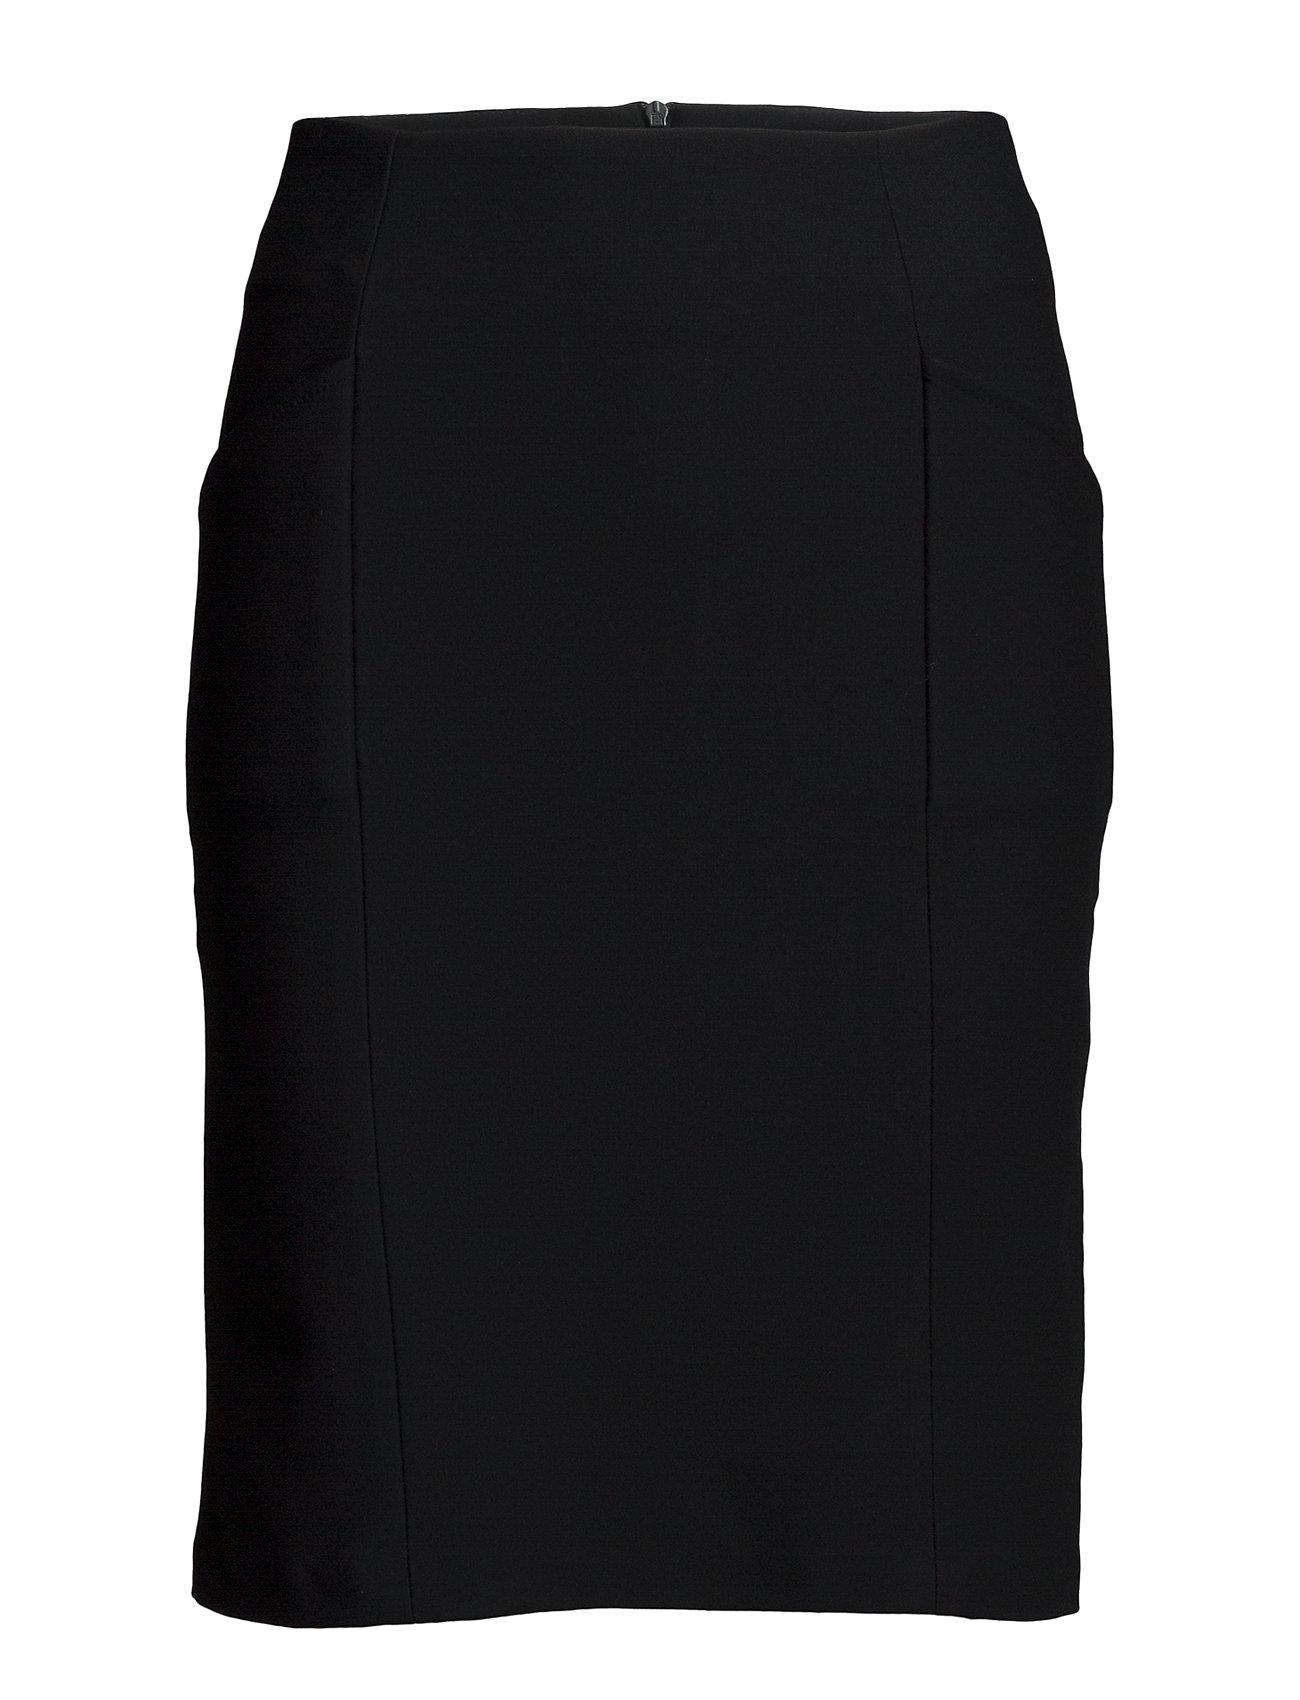 Minus Karin skirt - BLACK